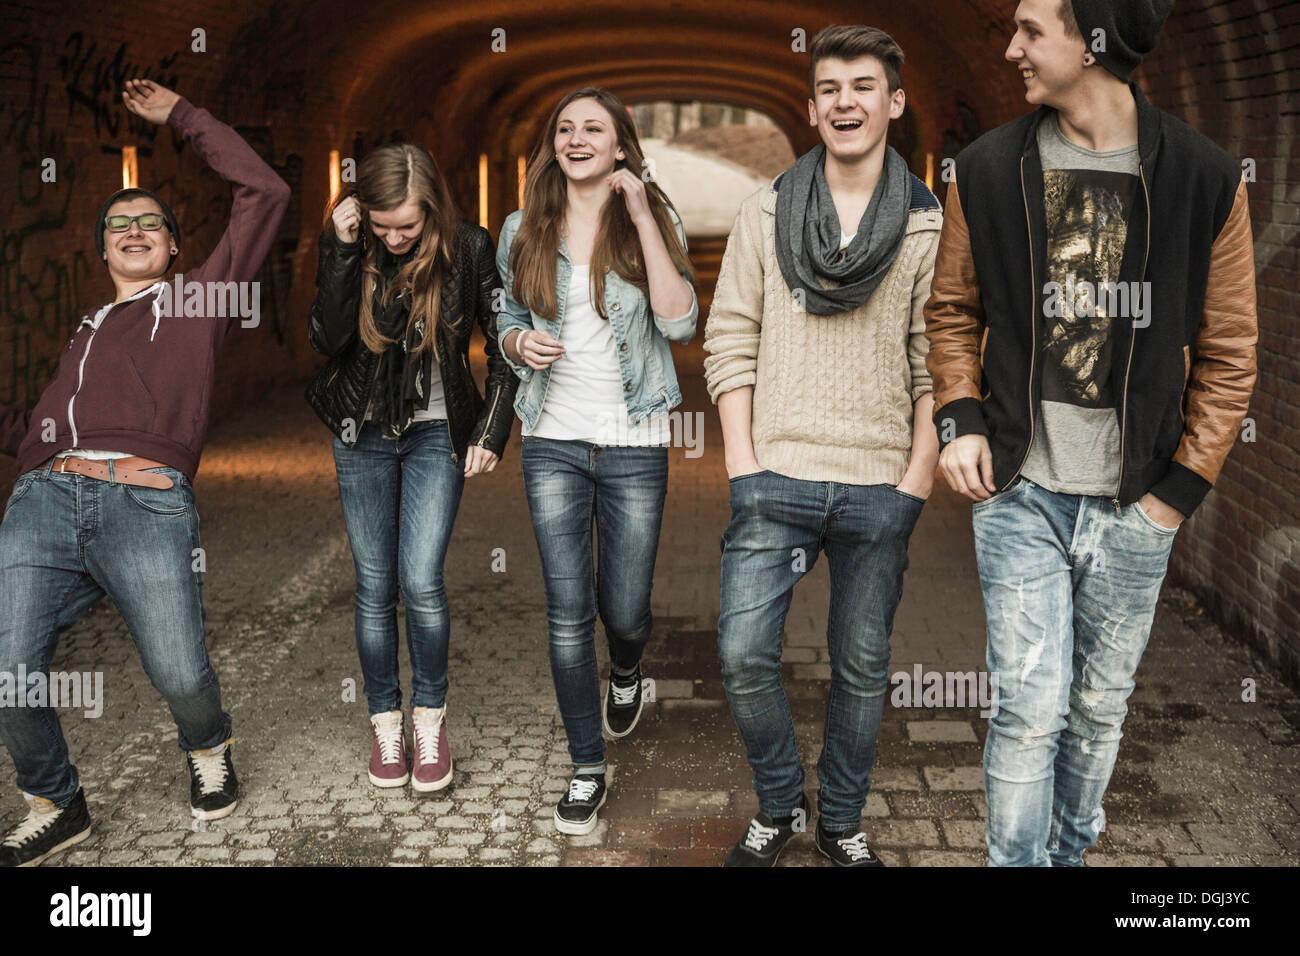 Fünf Jugendliche zu Fuß durch Tunnel, lachen und scherzen Stockfoto